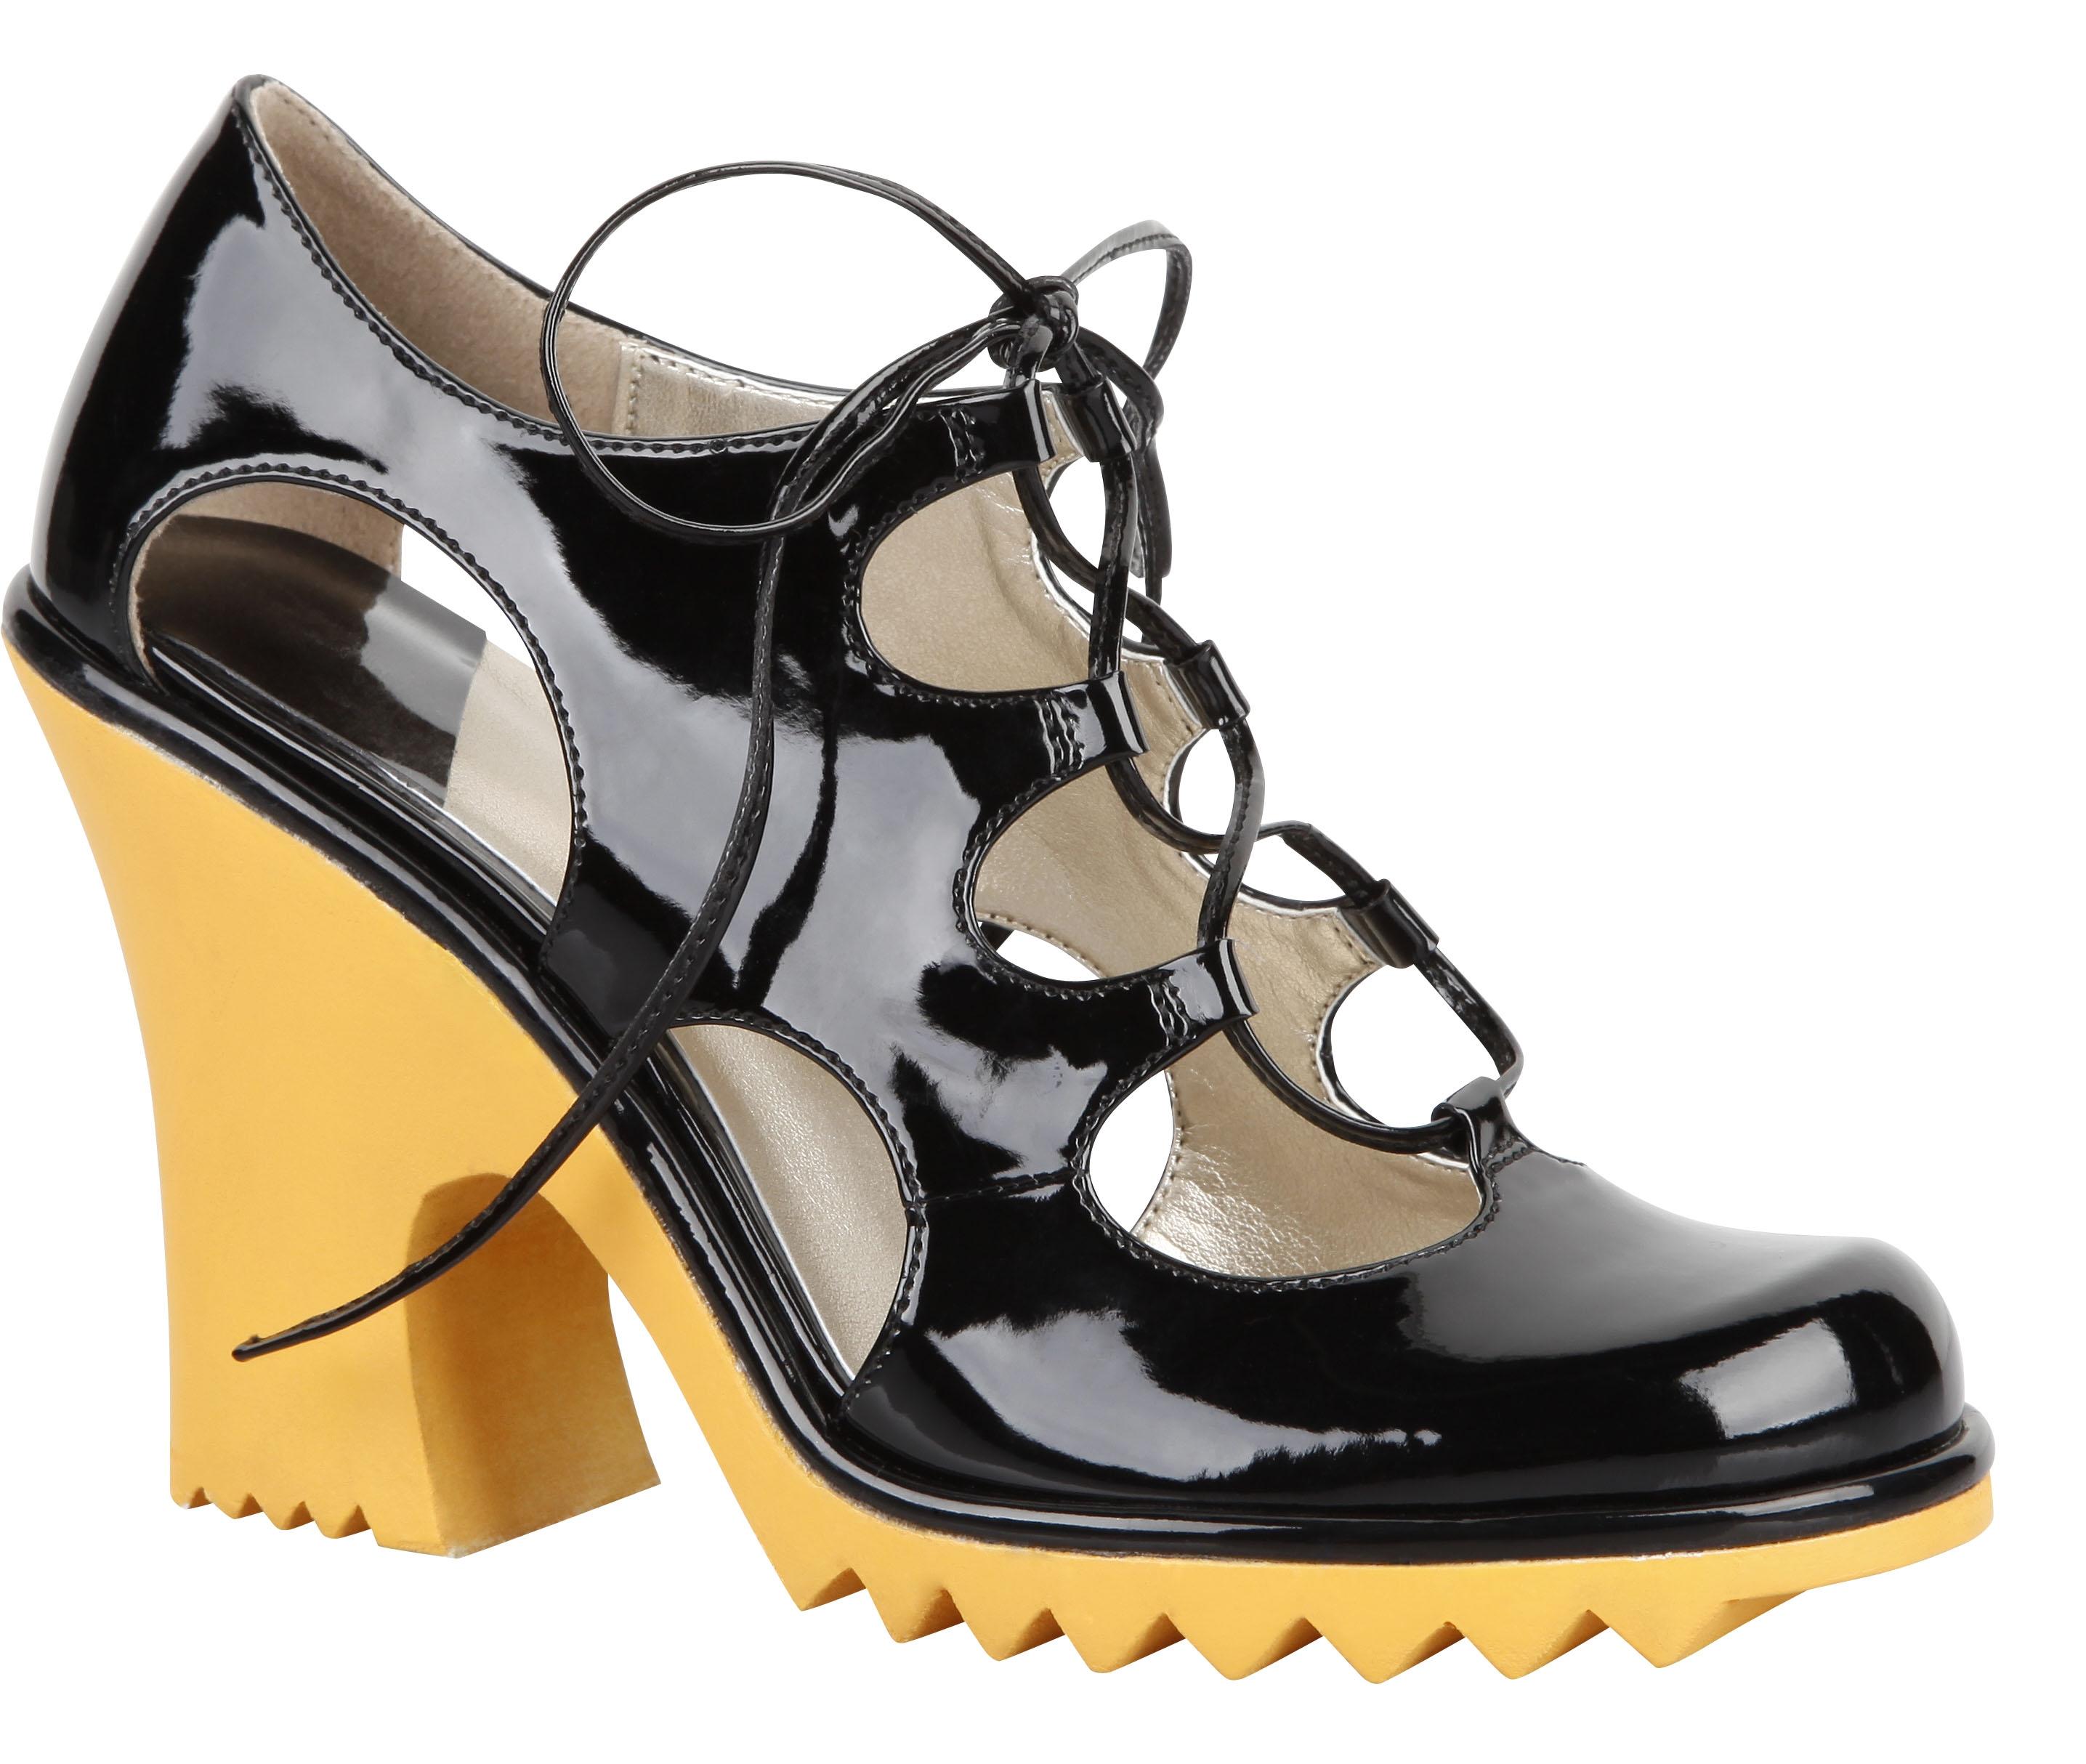 Isabel Toledo trabajó una colección de zapatos y carteras para Payless Shoes, como esta pieza en charol con cordones. (Foto Suministrada)